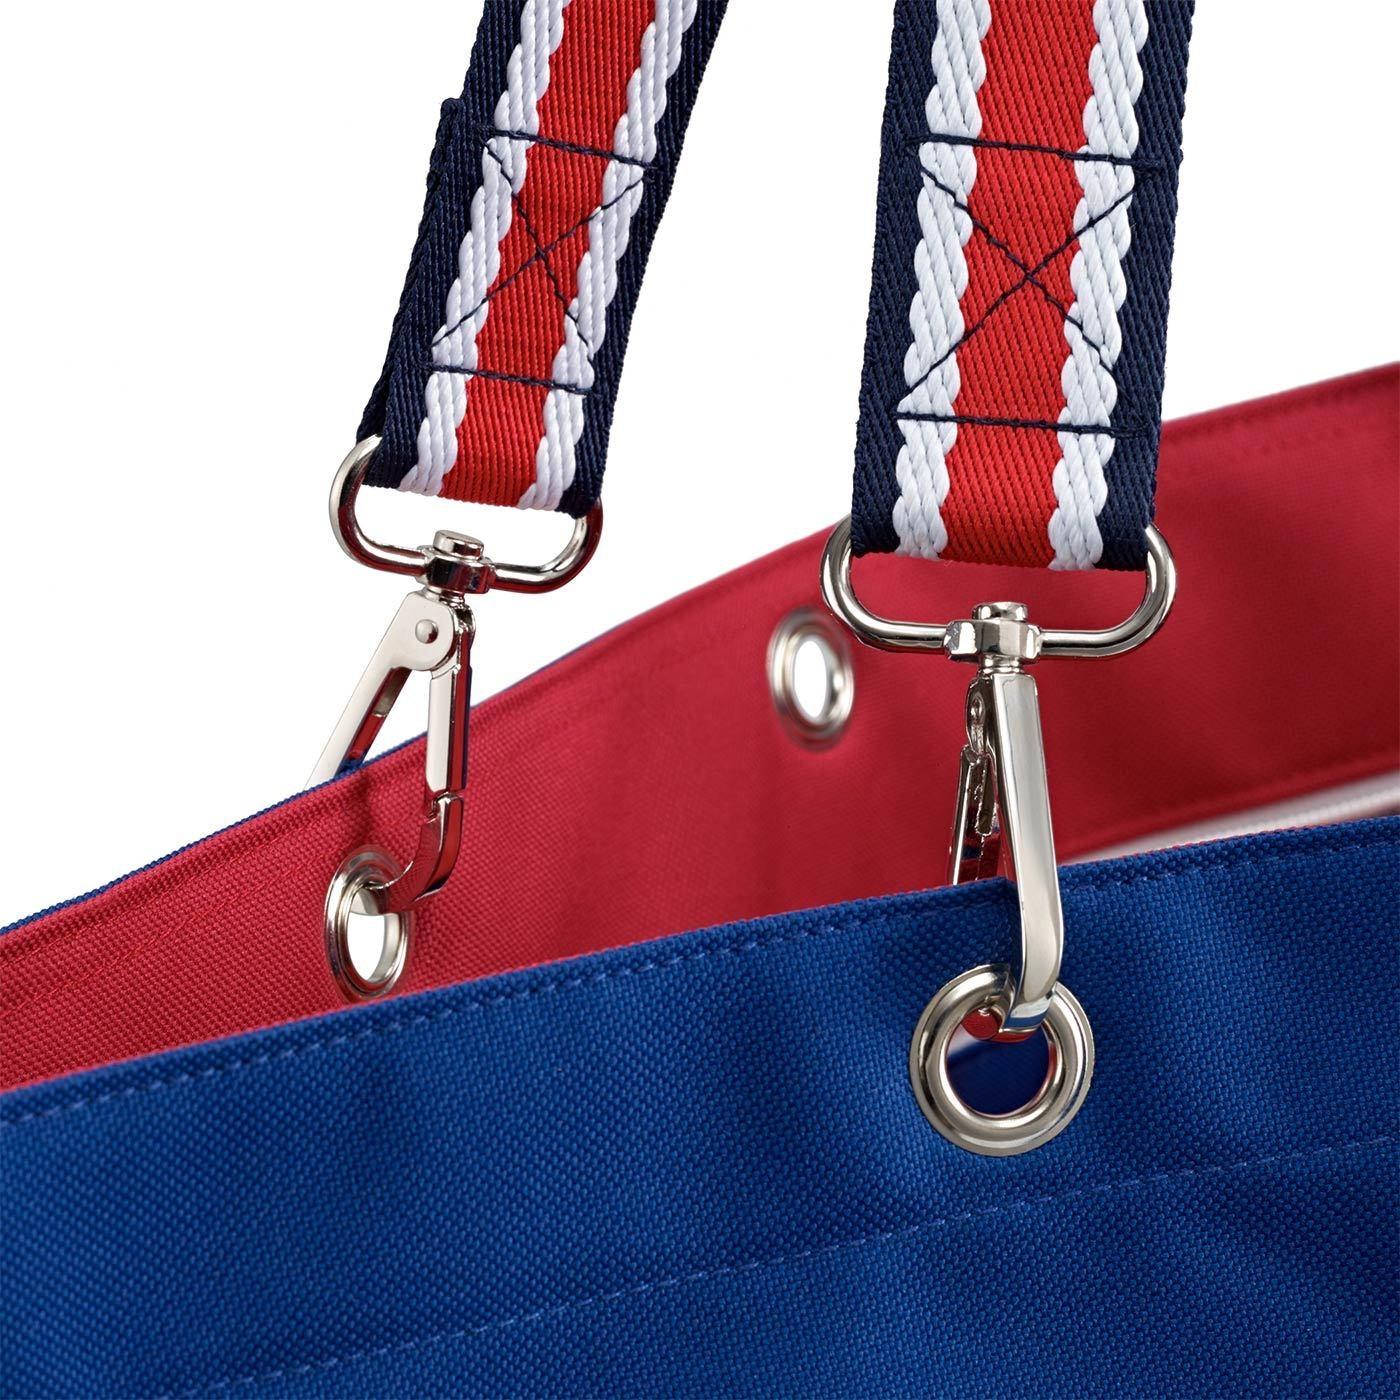 Nákupní taška Shopper XL special edition nautic_1